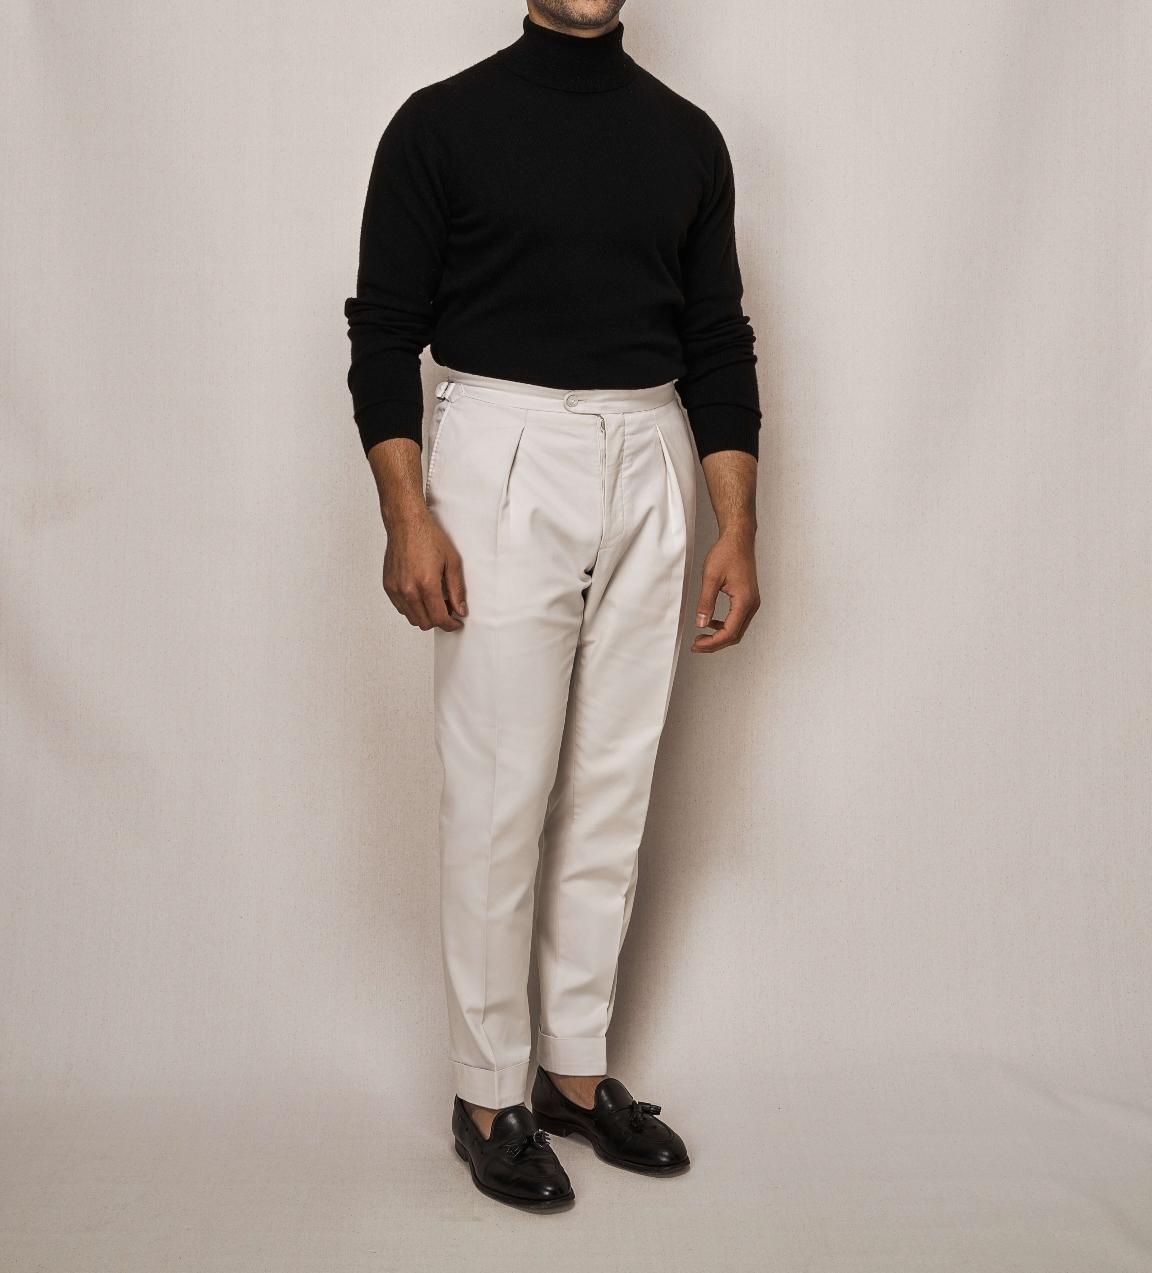 Black Cashmere Knit Turtle Neck | Cotton Stretch Trouser